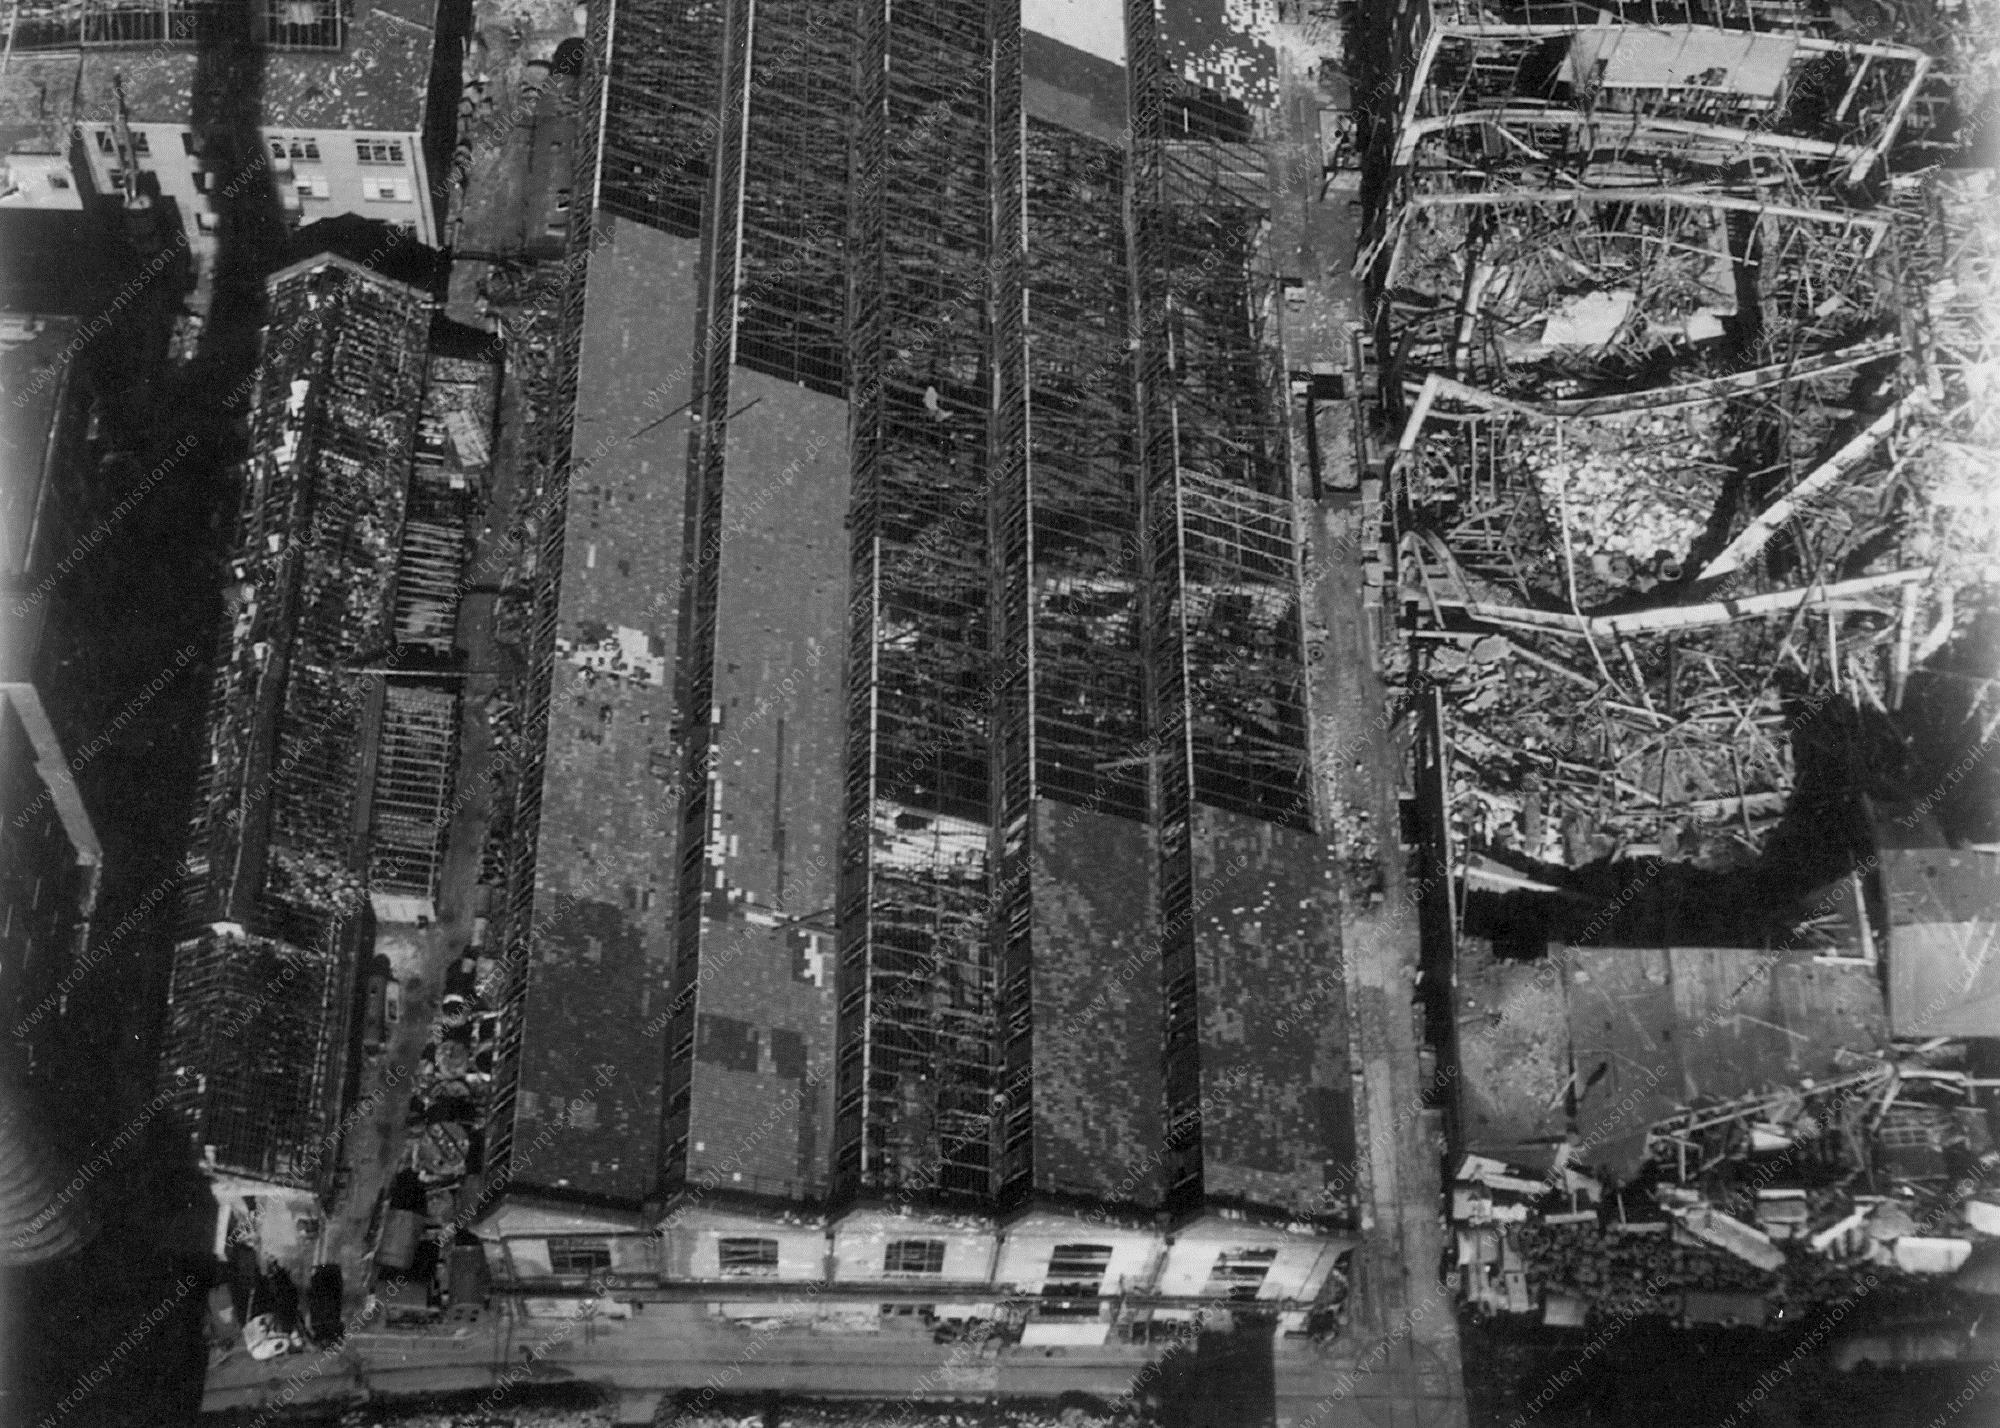 Unbekanntes Luftbild Zerstörte Fabrik